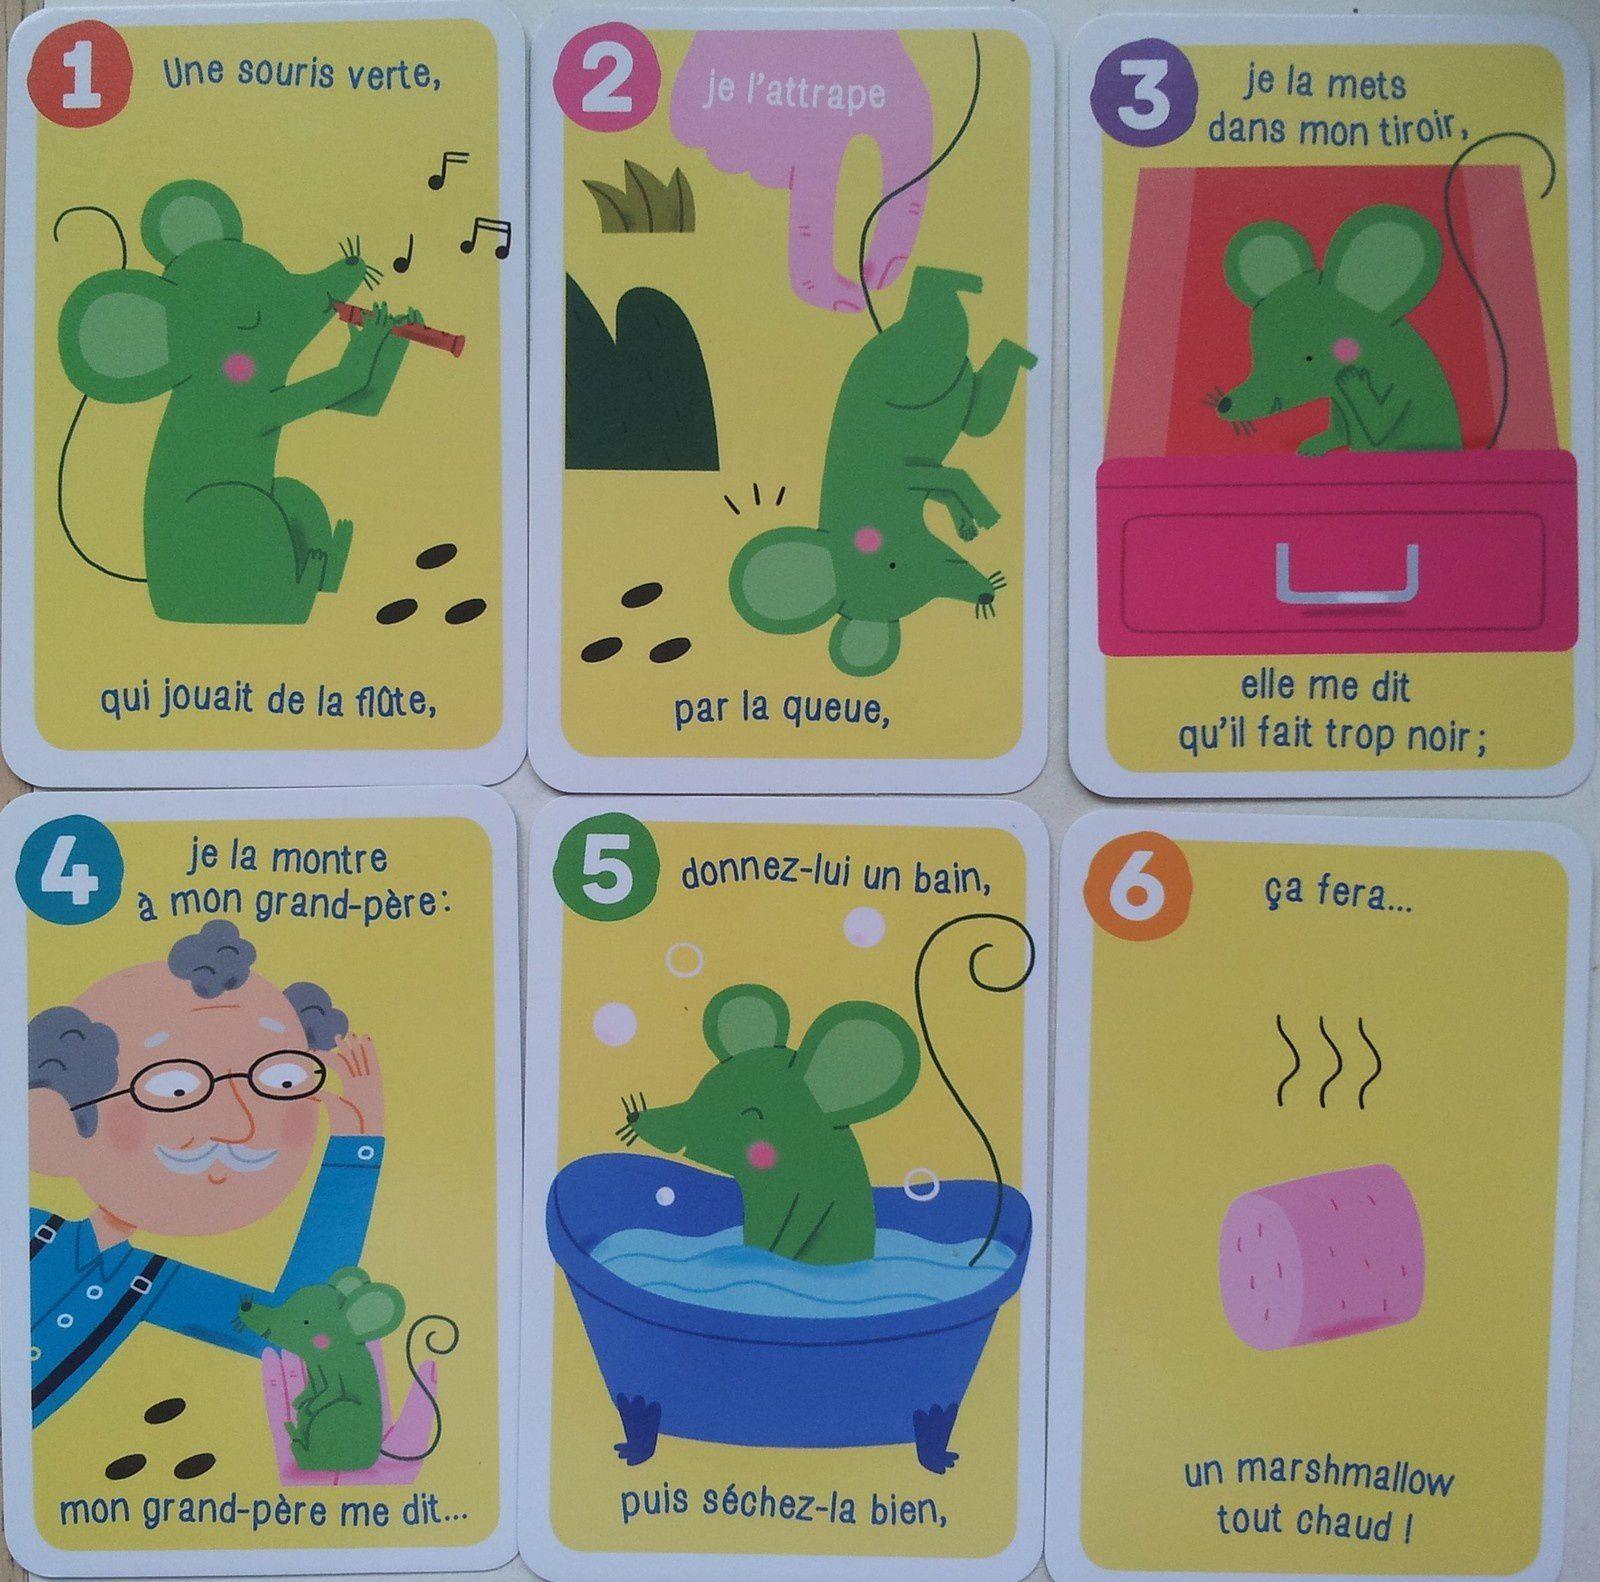 """Exemple: """"Une souris verte qui jouait de la flûte, je l'attrape par la queue, je la mets dans mon tiroir, elle me dit qu'il fait trop noir; je la montre à mon grand-père: mon grand-père me dit ... donnez-lui un bain, puis séchez-la bien, ça fera un marshmallow tout chaud!"""""""